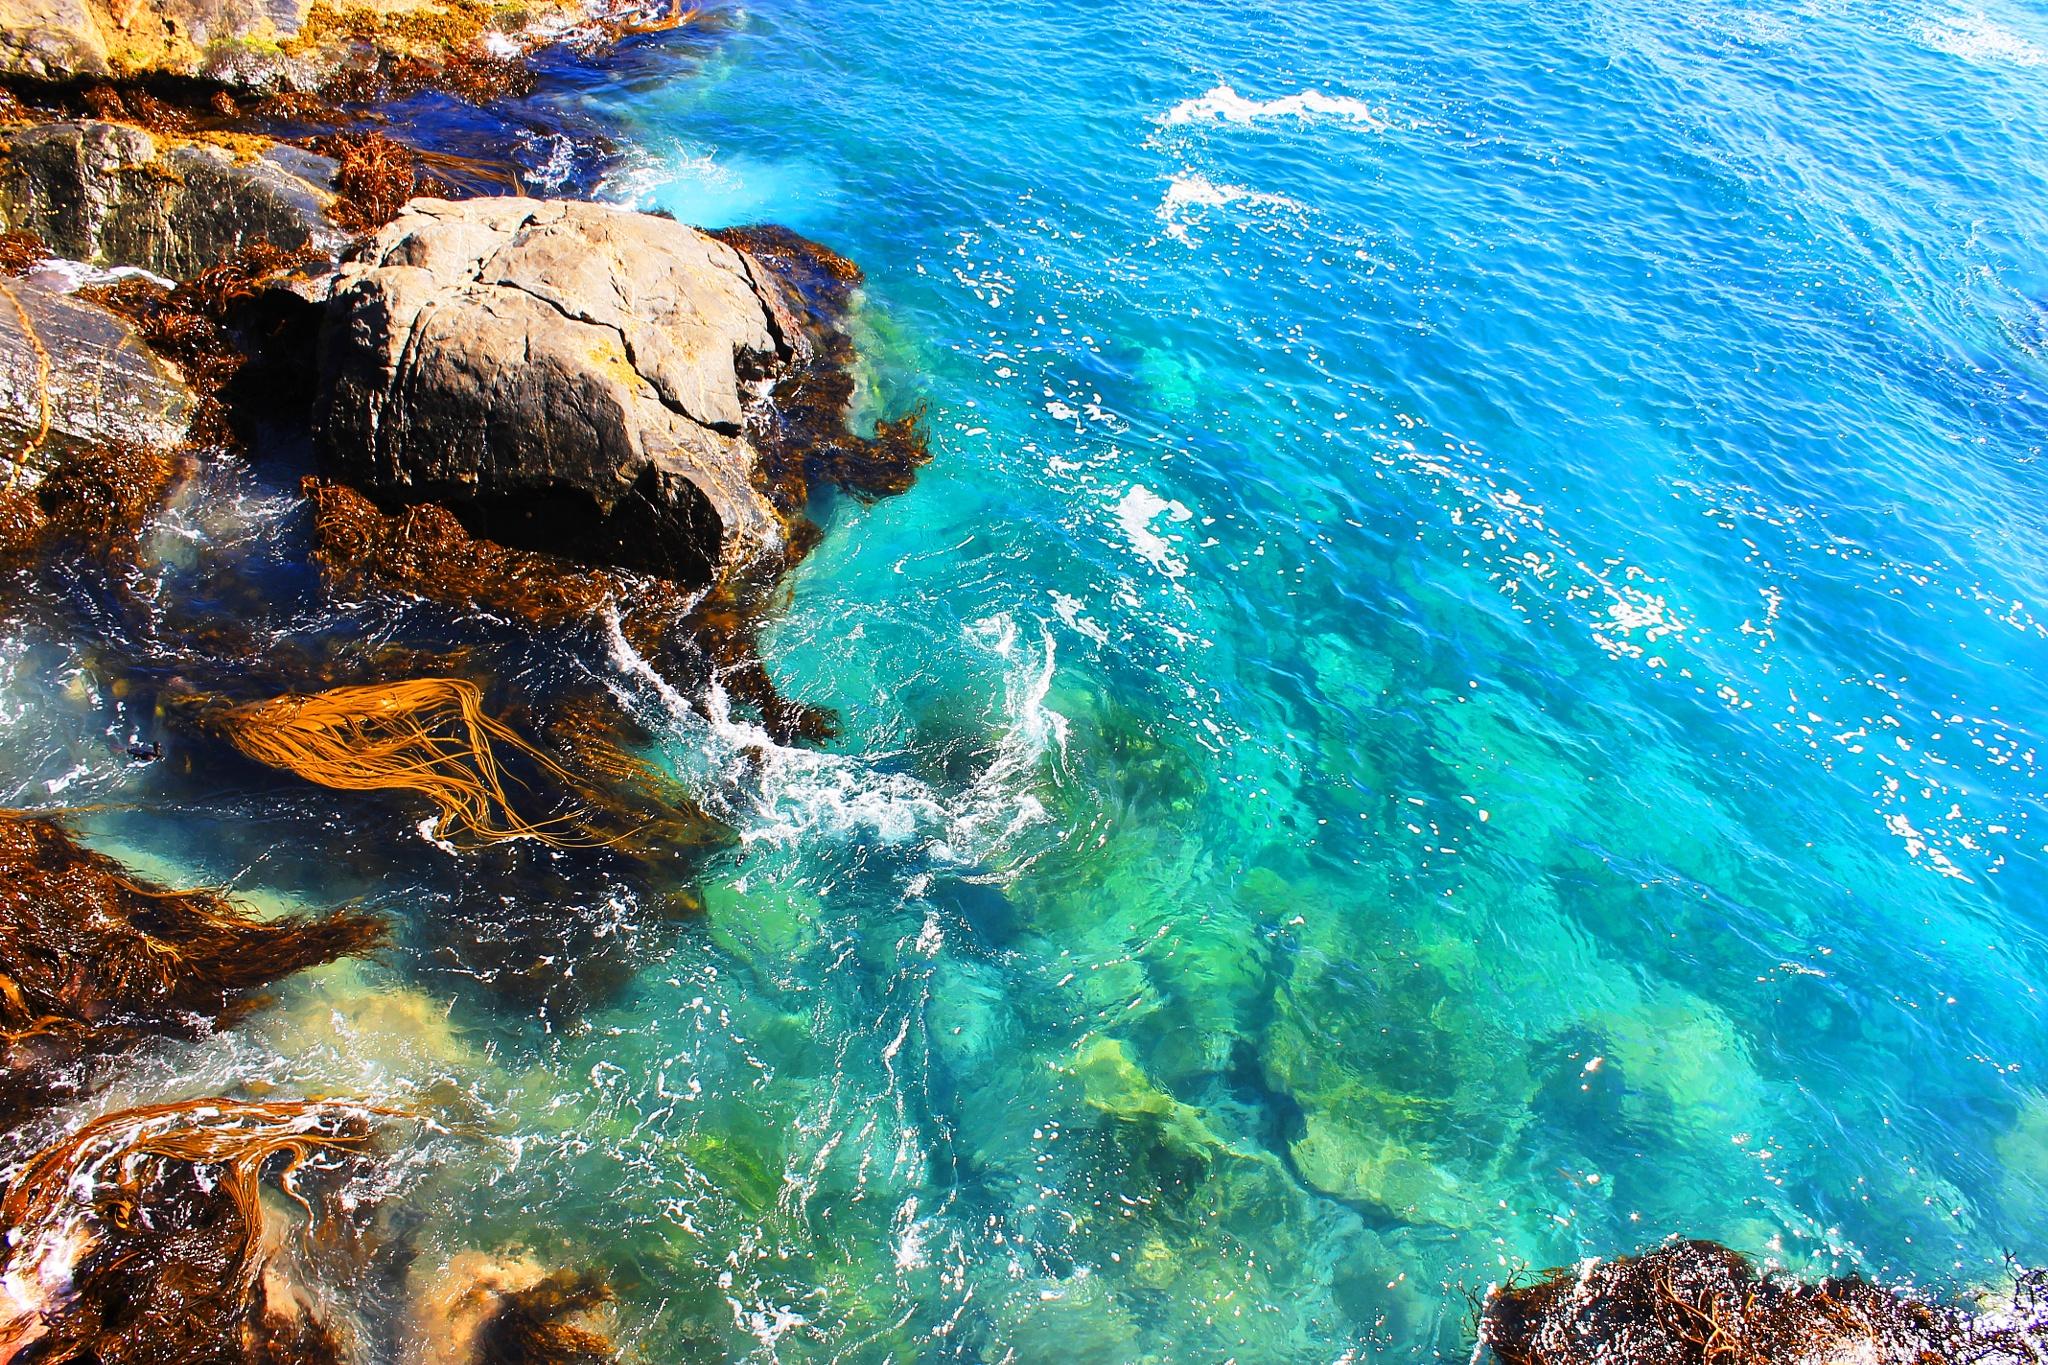 water by gabriela goñi